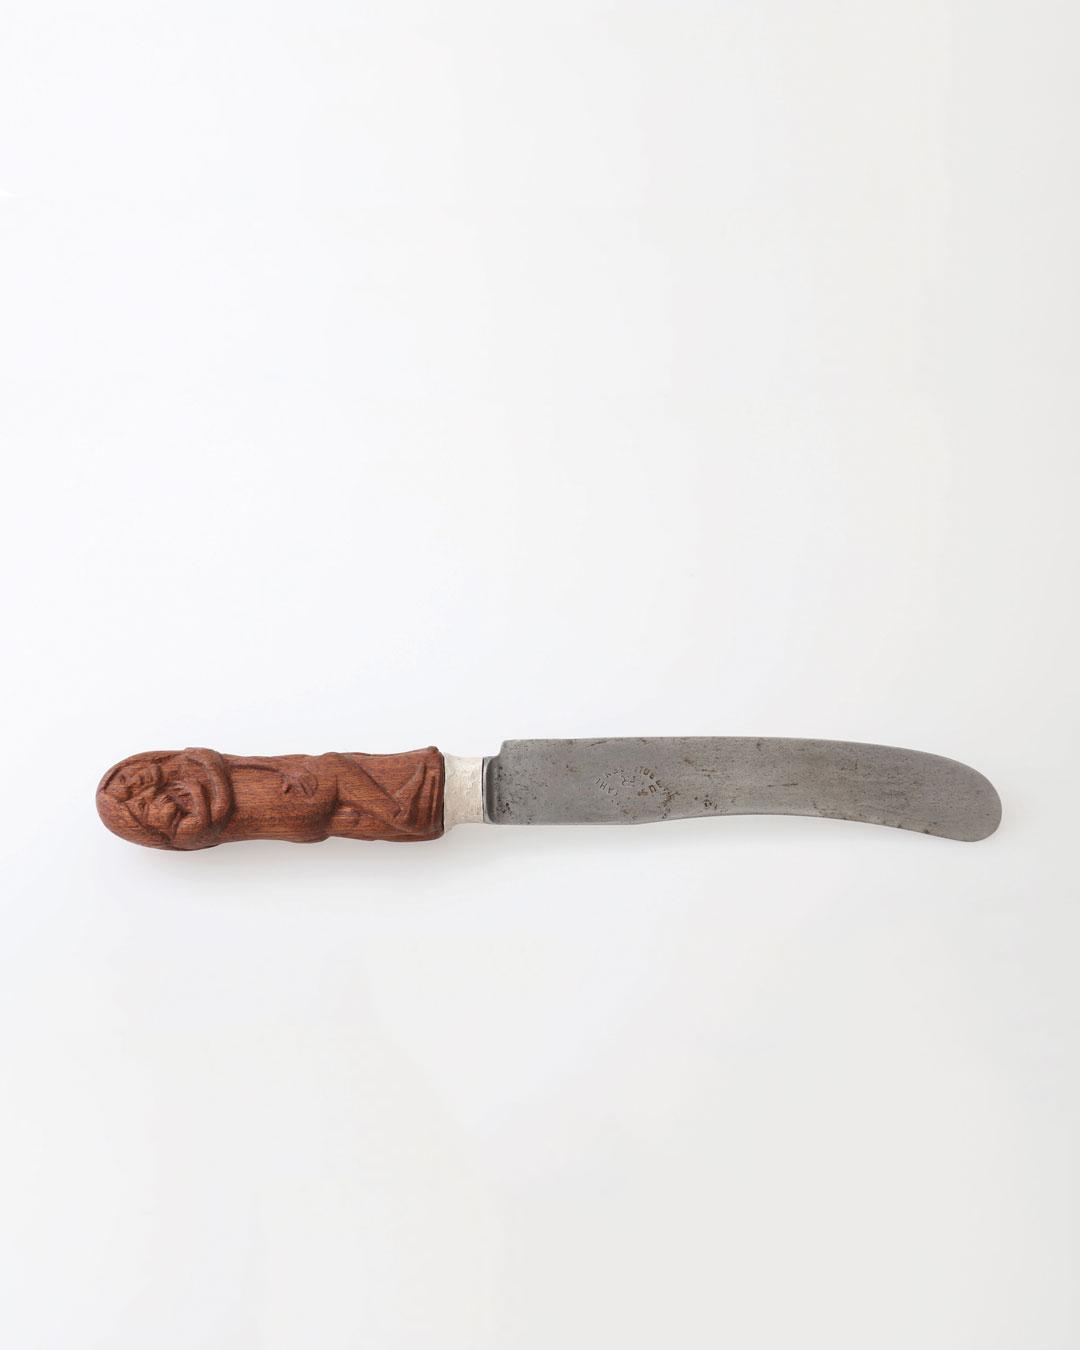 Juliane Brandes, zonder titel, 2017, mes; palisander hout, zilver, staal (1880) lemmet, 220 x 25 mm, €2060